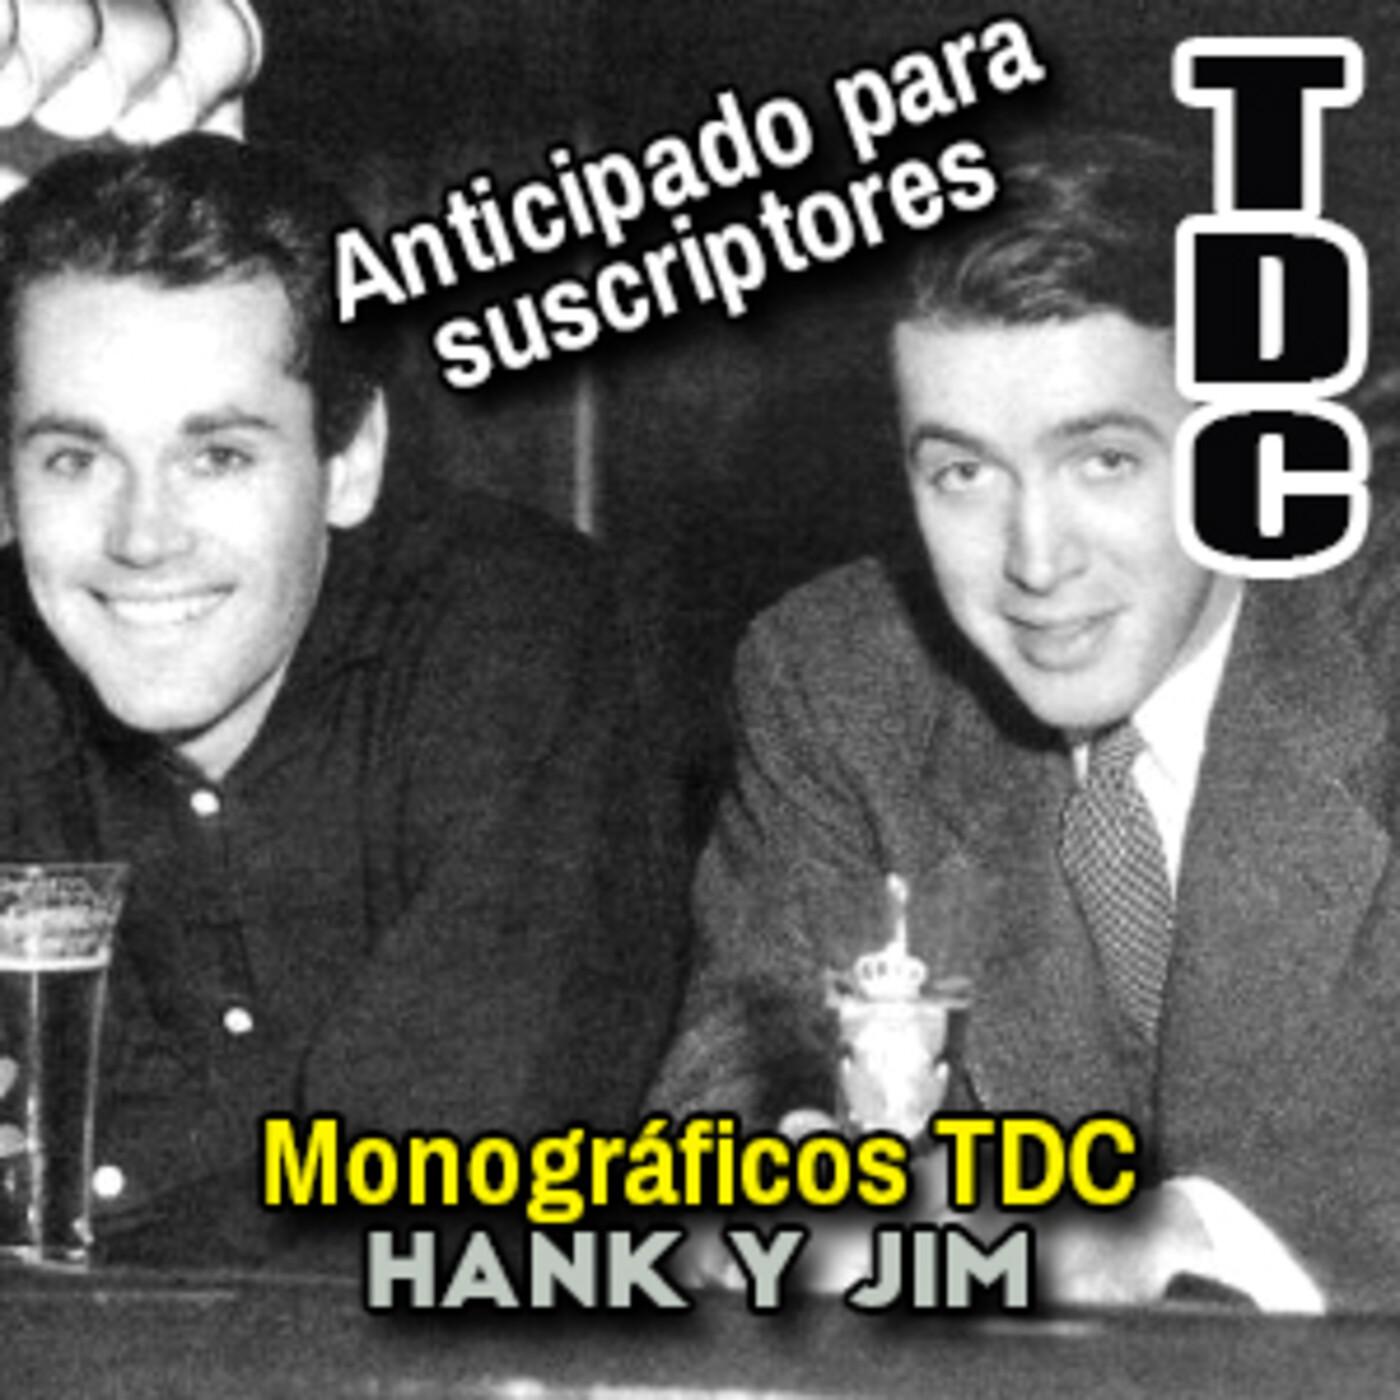 Monográficos TDC: Hank y Jim, 50 años de amistad